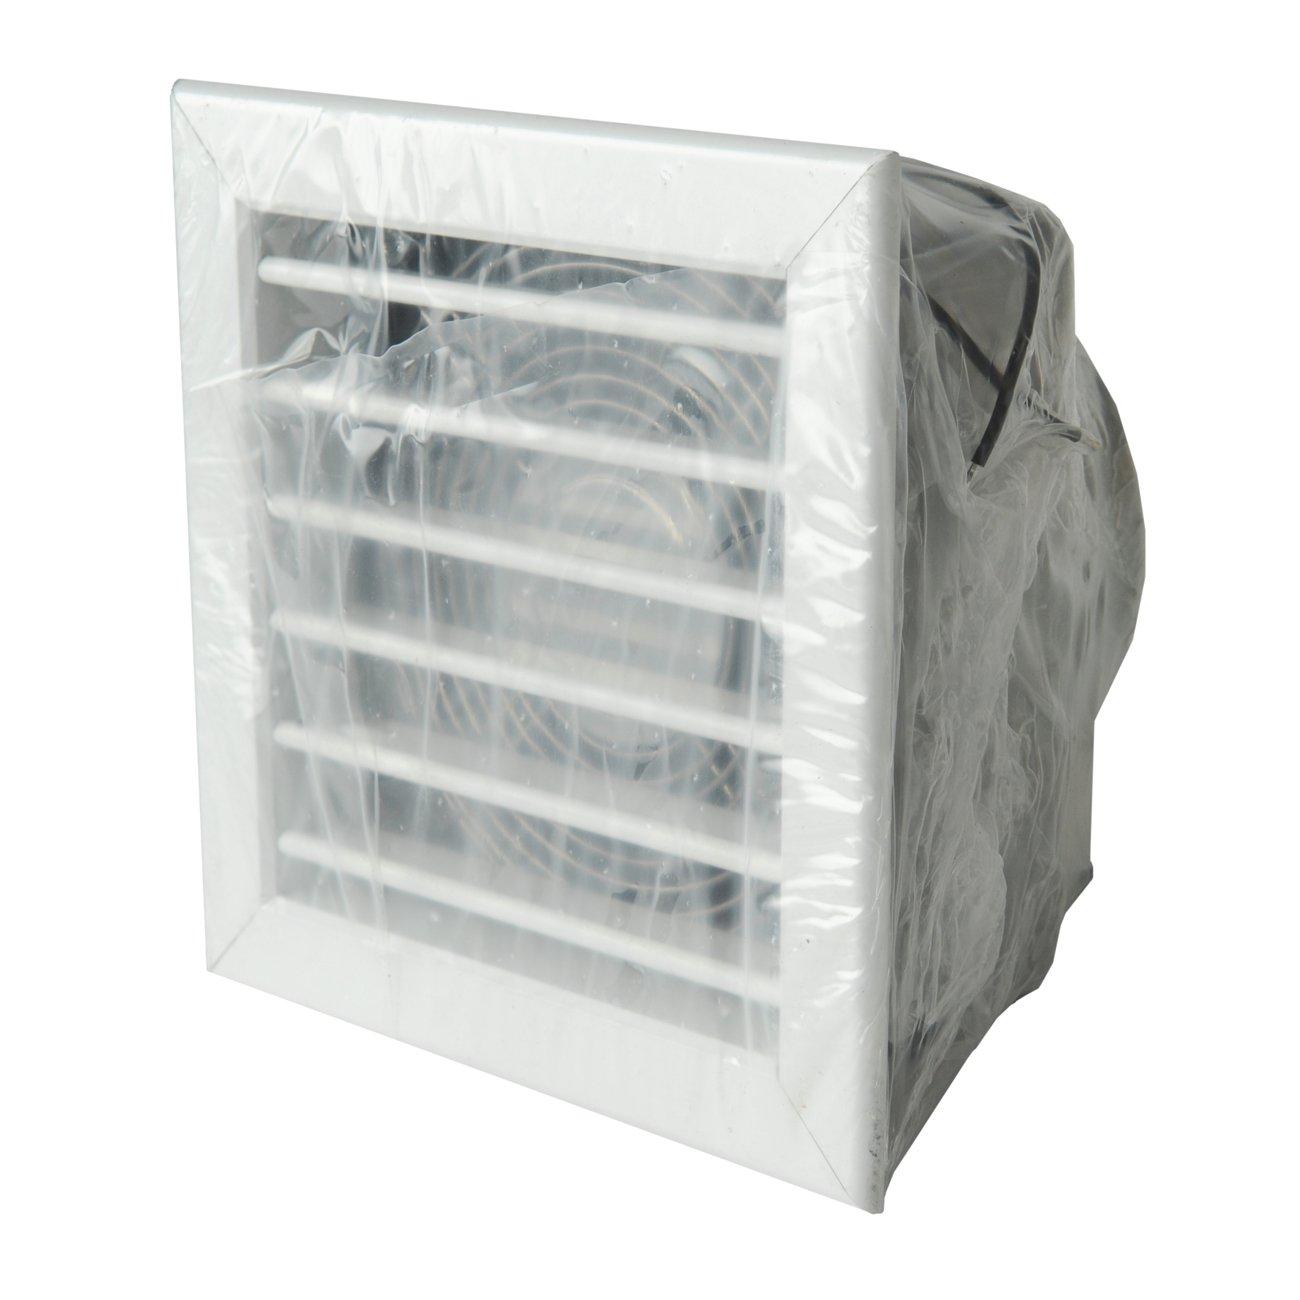 La ventilación gcmib1615100-y gcmib1615100 Rejilla Para chimeneas ...